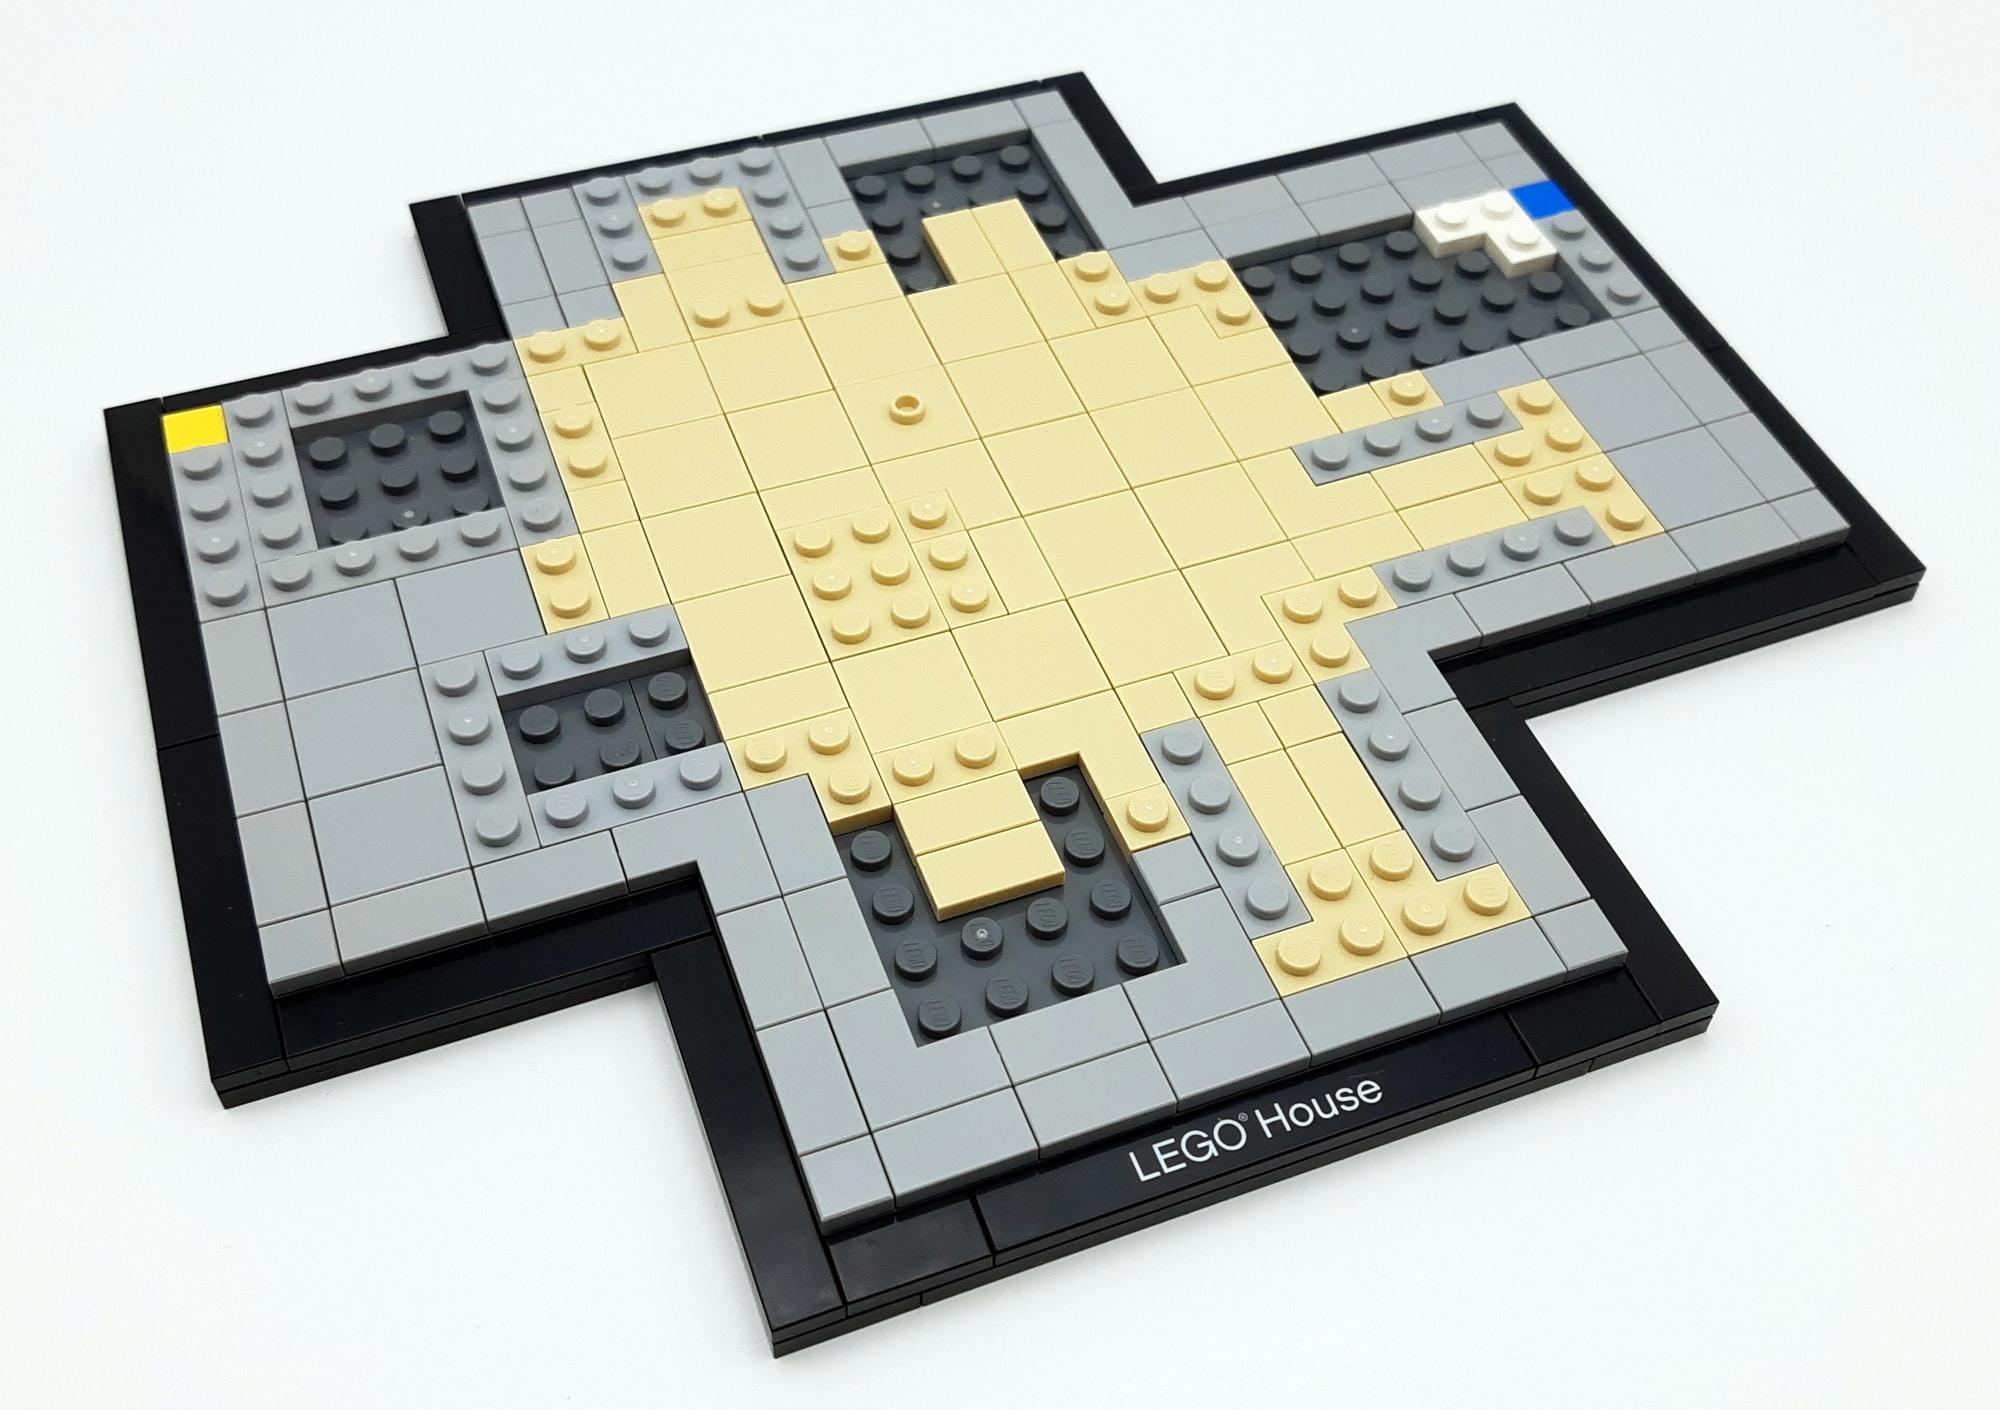 LEGO 21037 - LEGO House Baubschnitt Boden